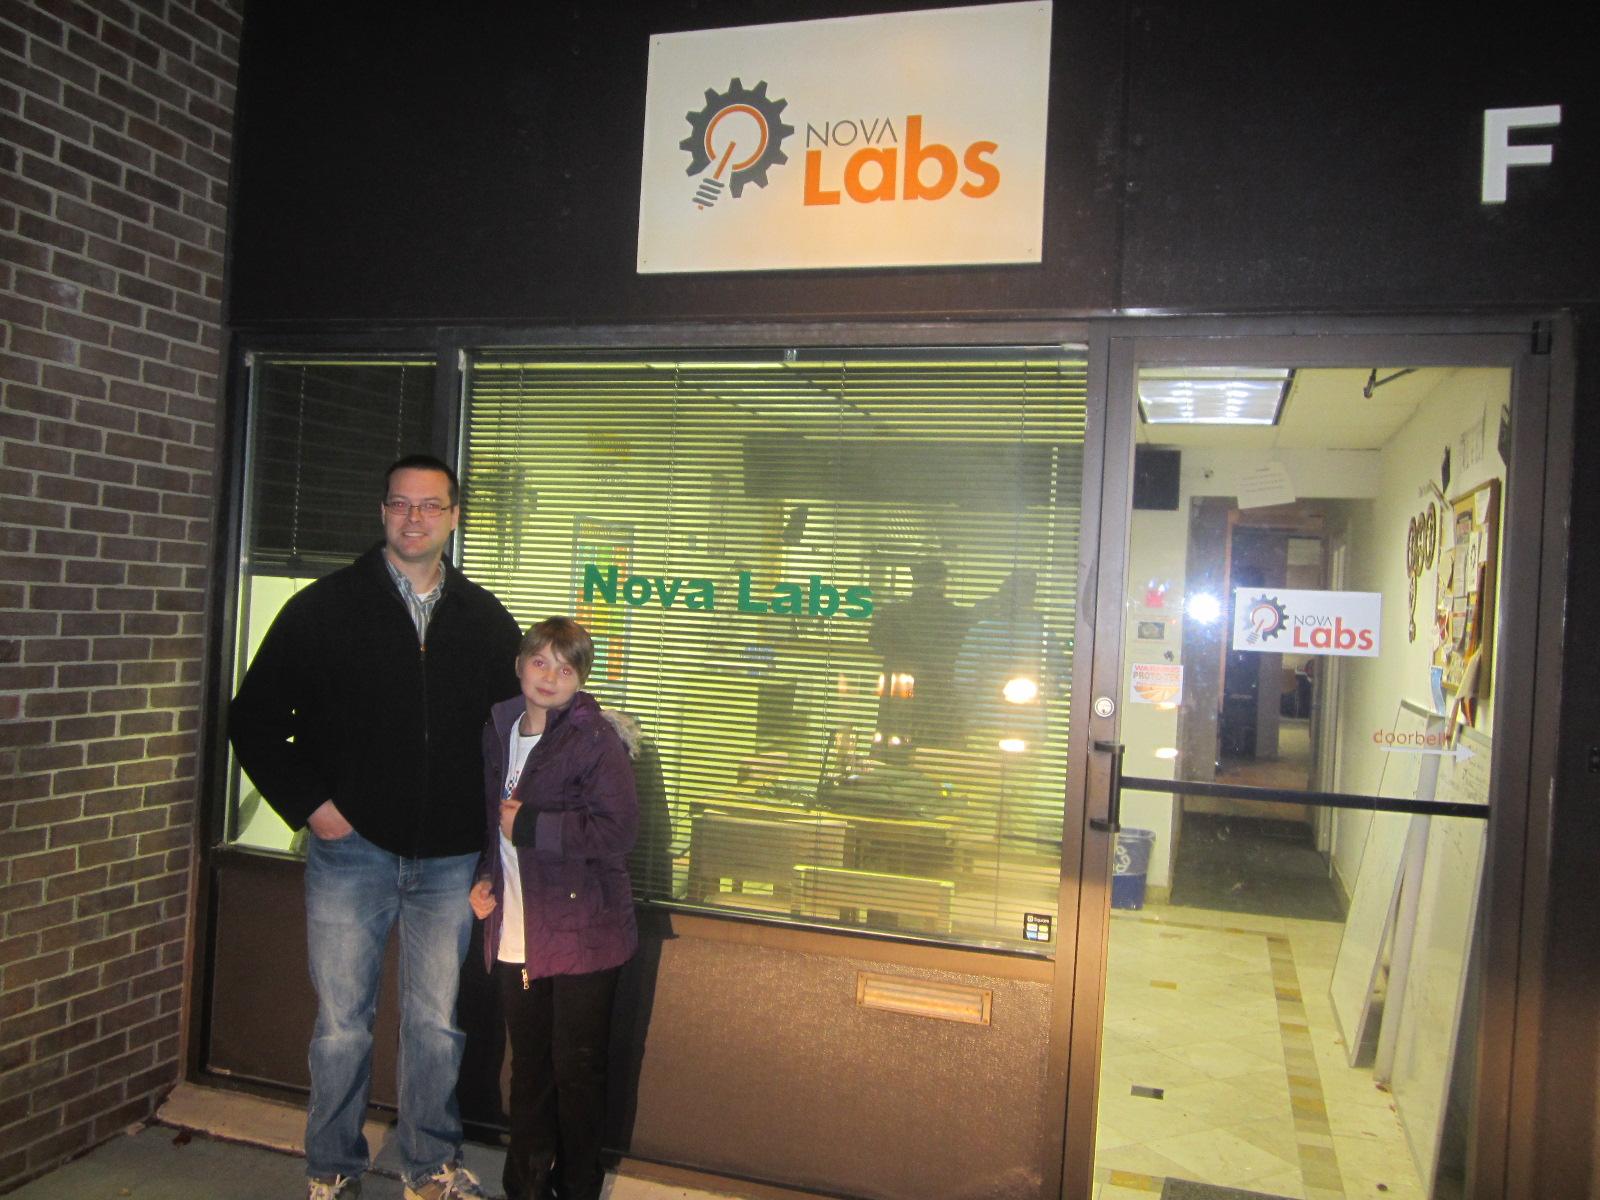 Bob & Nora outside Nova Labs